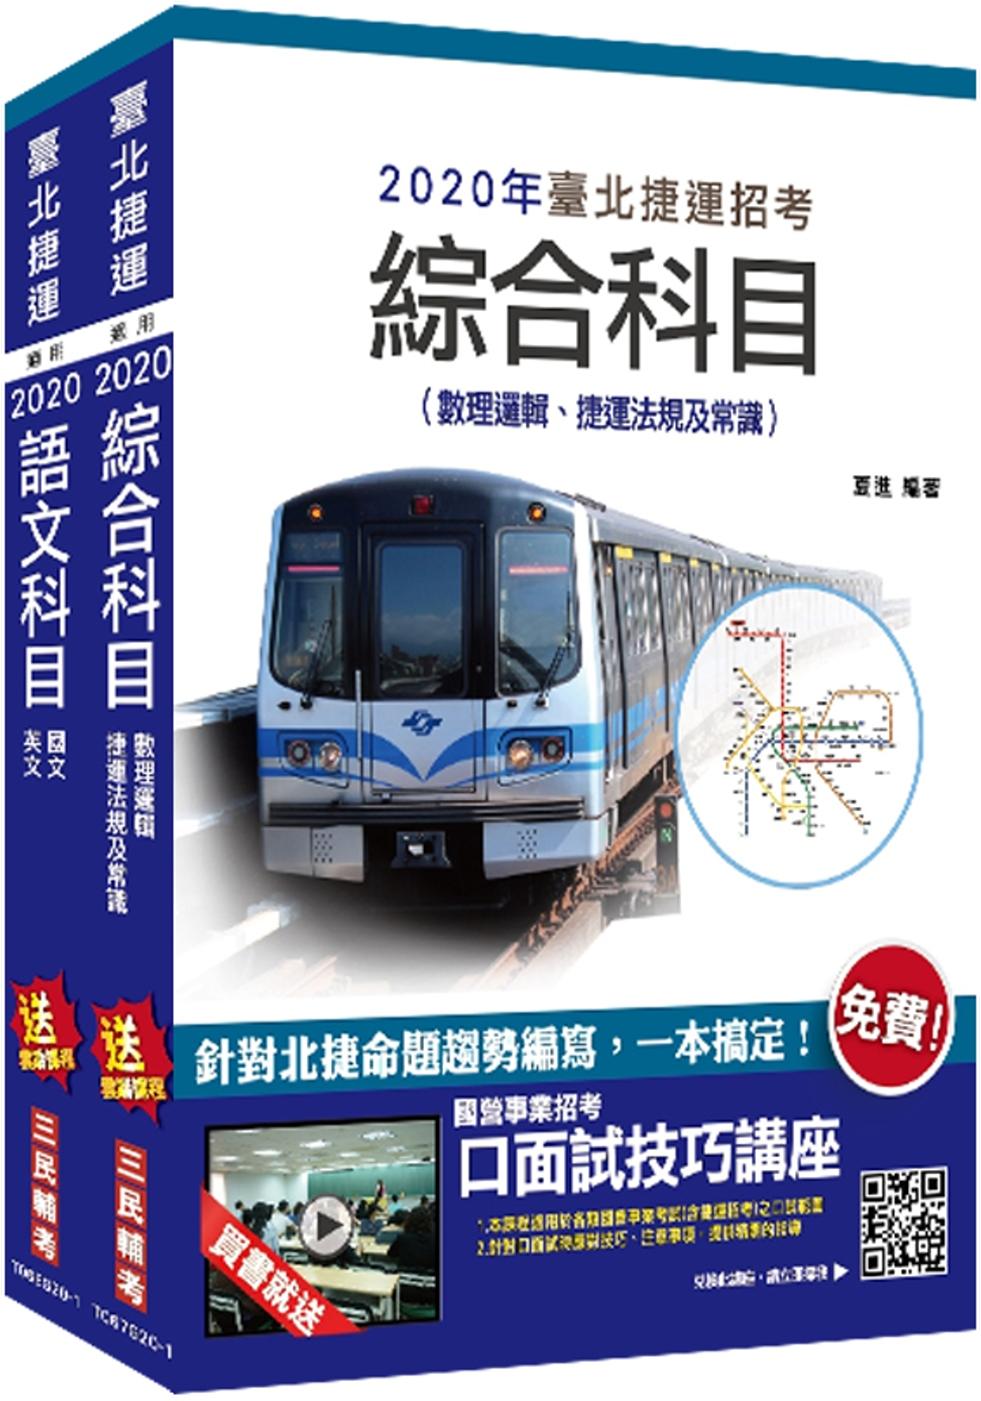 2020年臺北捷運[司機員][站務員][技術員(常年大夜班維修類)]套書(贈公職英文單字[基礎篇])